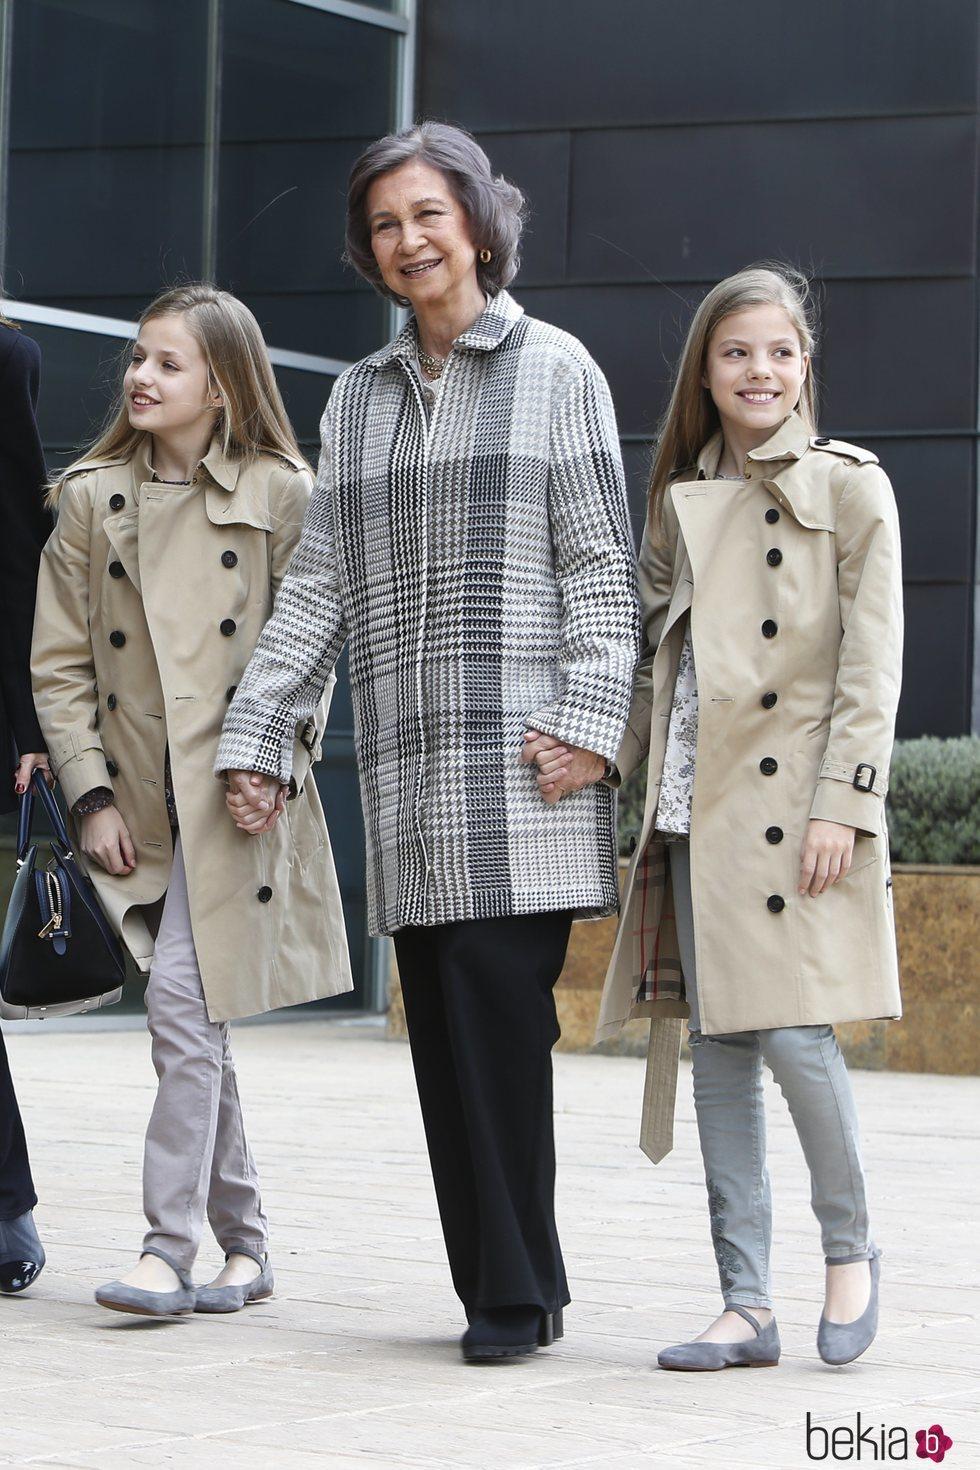 La Reina Sofía caminando de la mano de la Princesa Leonor y la Infanta Sofía en la puerta del hospital